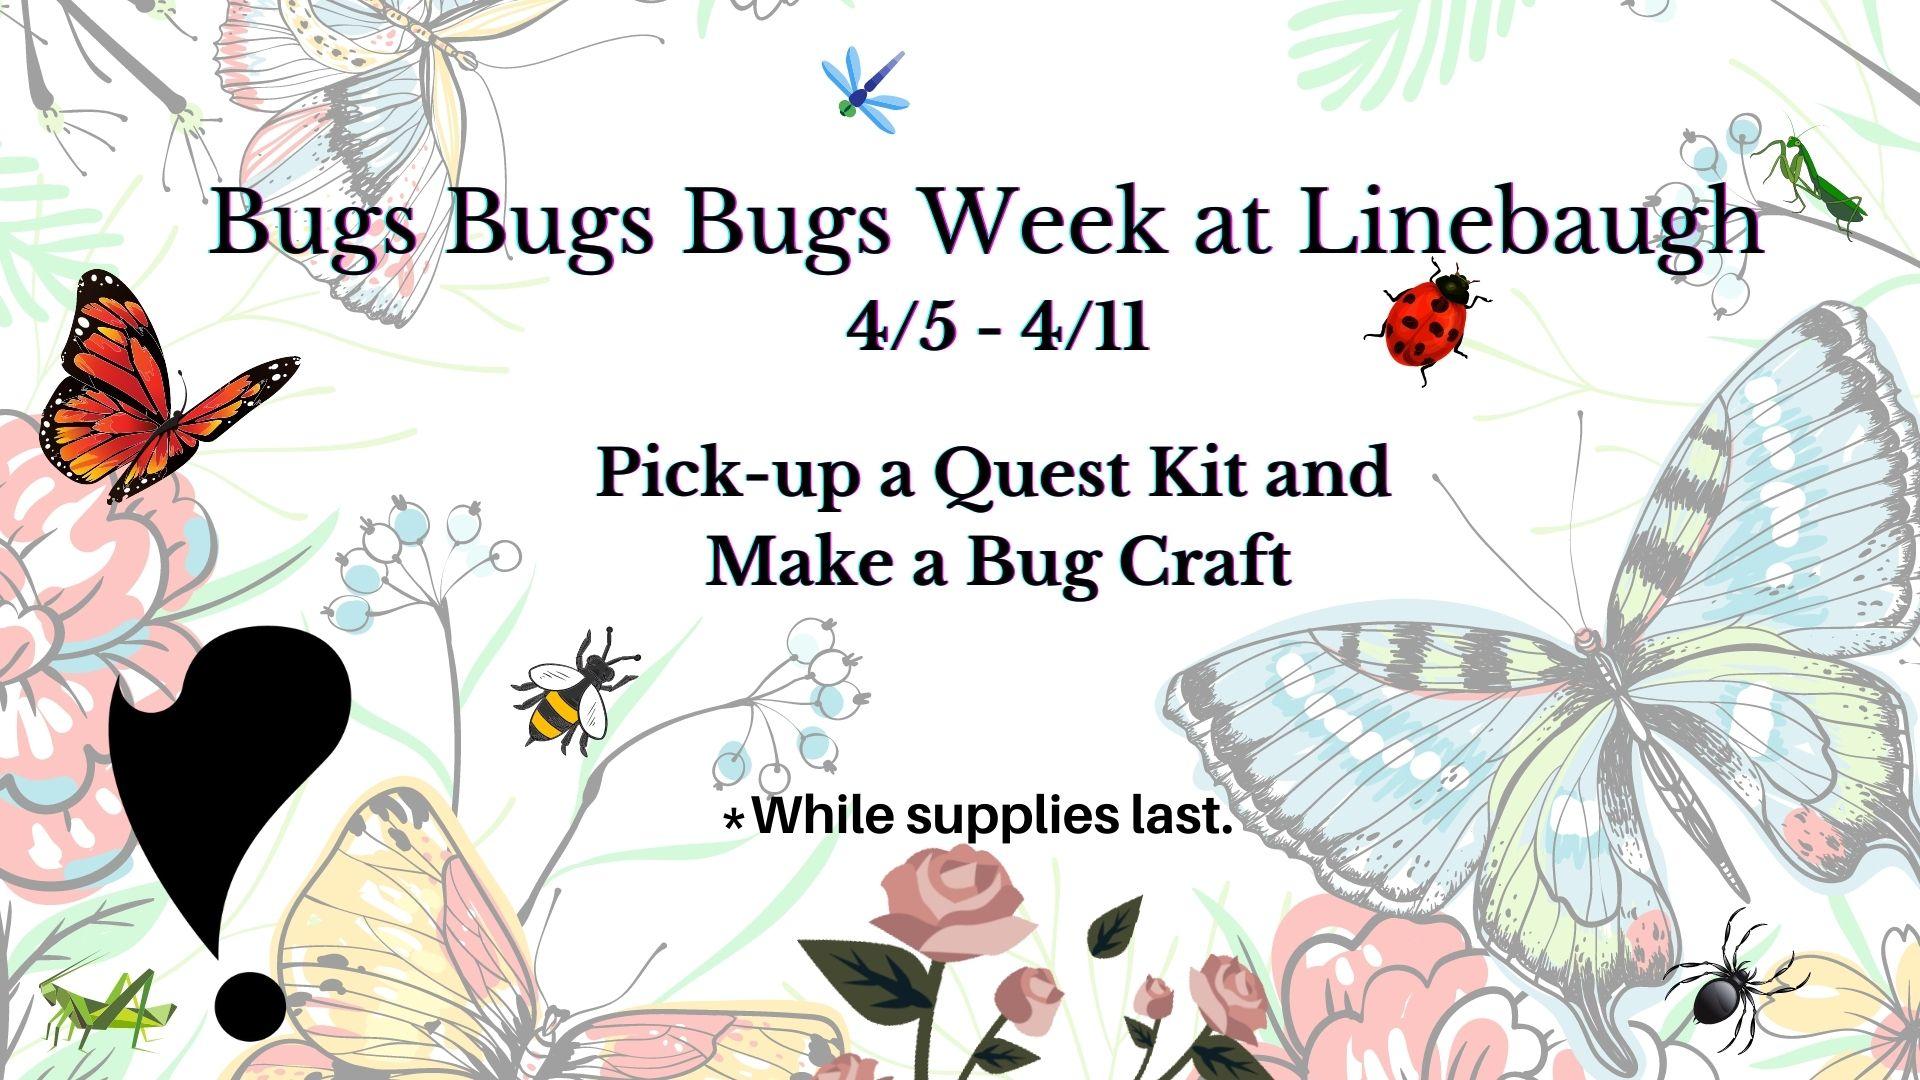 Bugs Bugs Bugs Week at Linebaugh